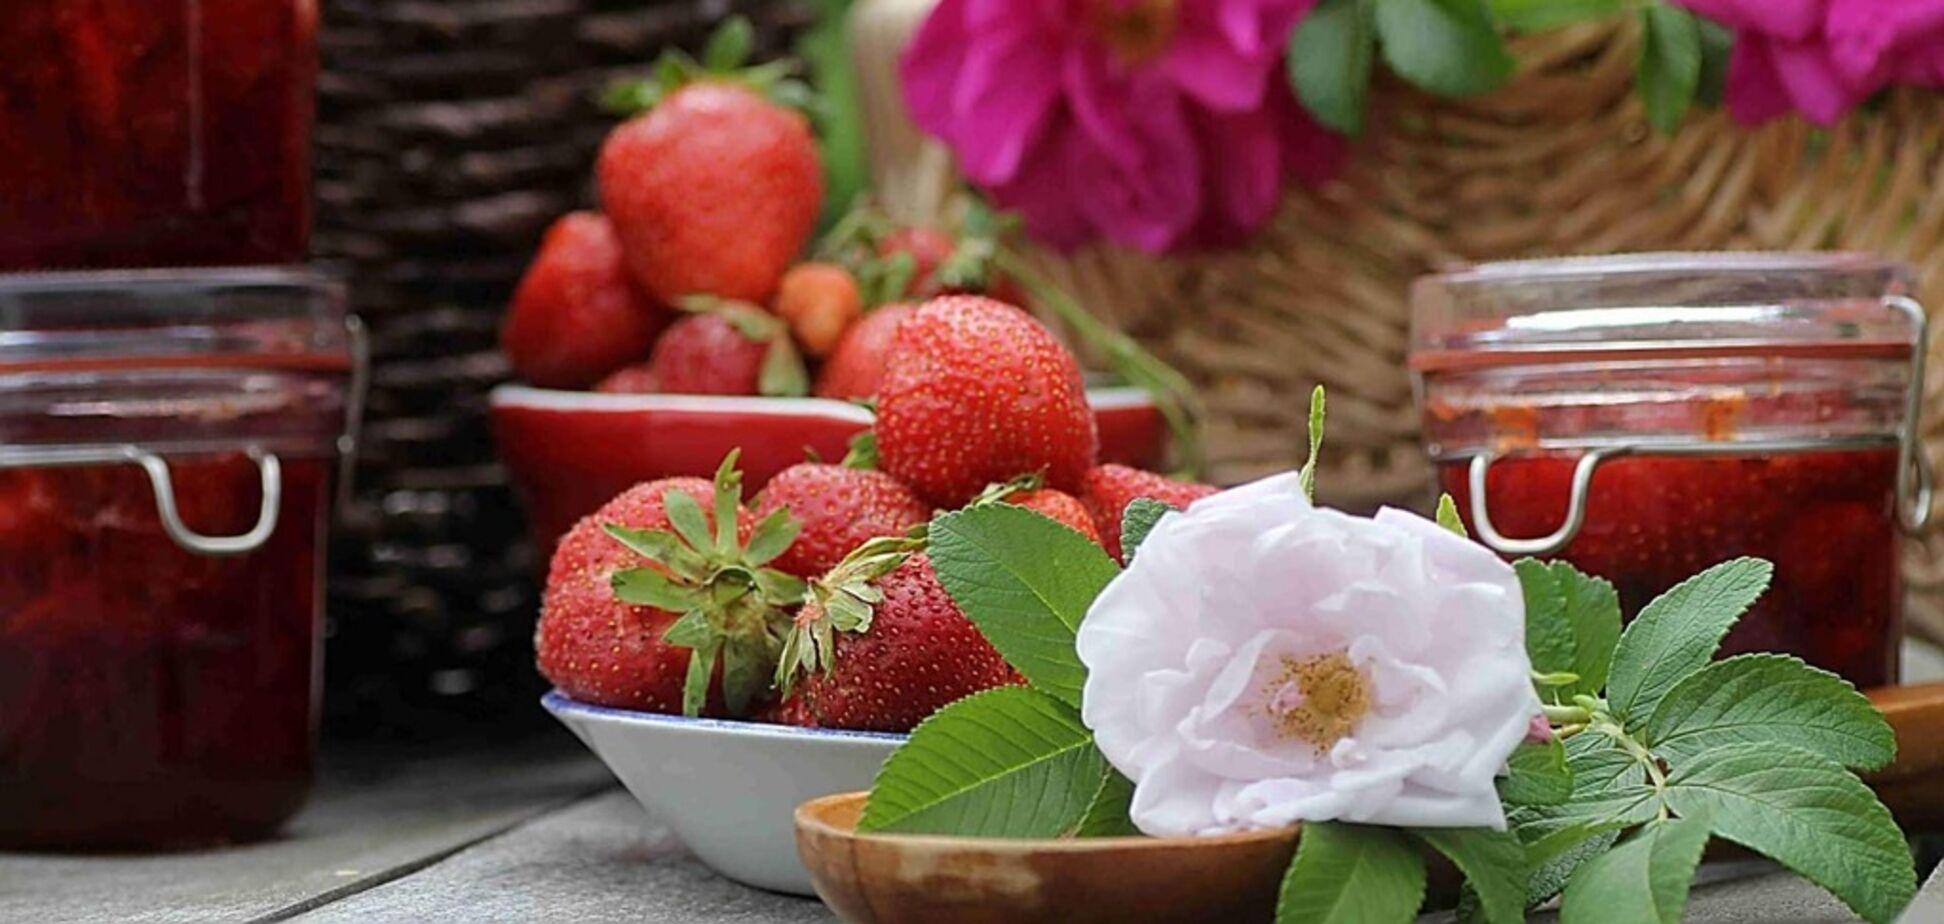 Рецепт з секретом: варення з полуниці і пелюсток троянд